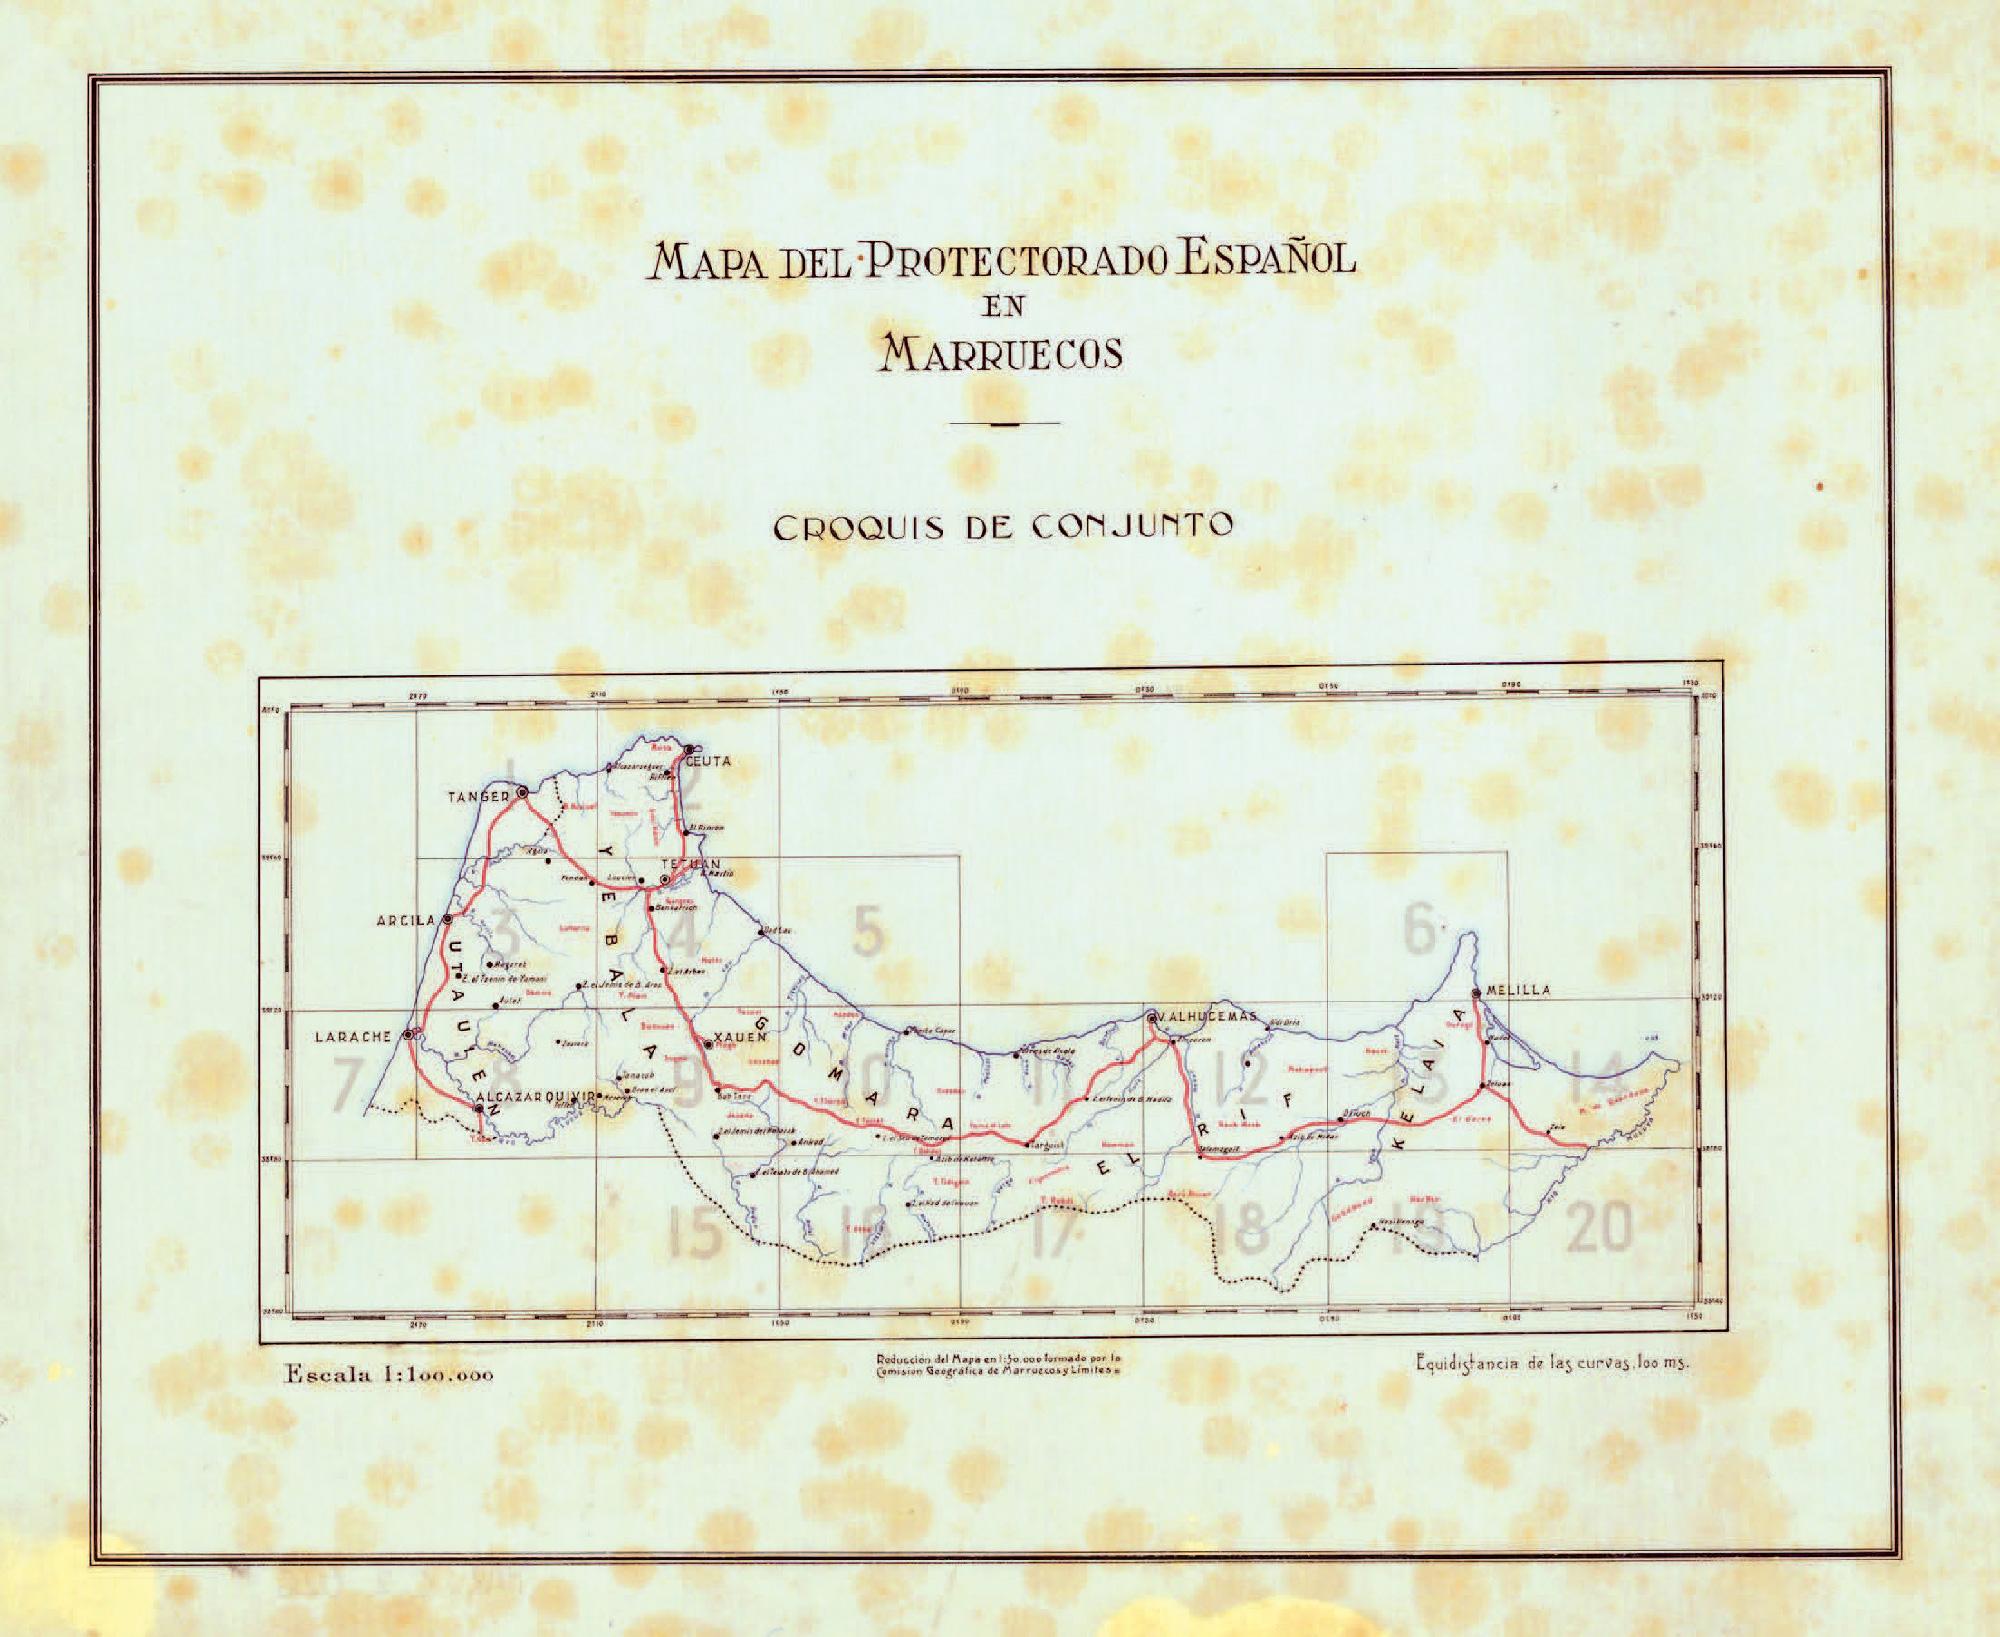 Fine Lavori Cila Roma gli itinerari terrestri della regione del rif (marocco